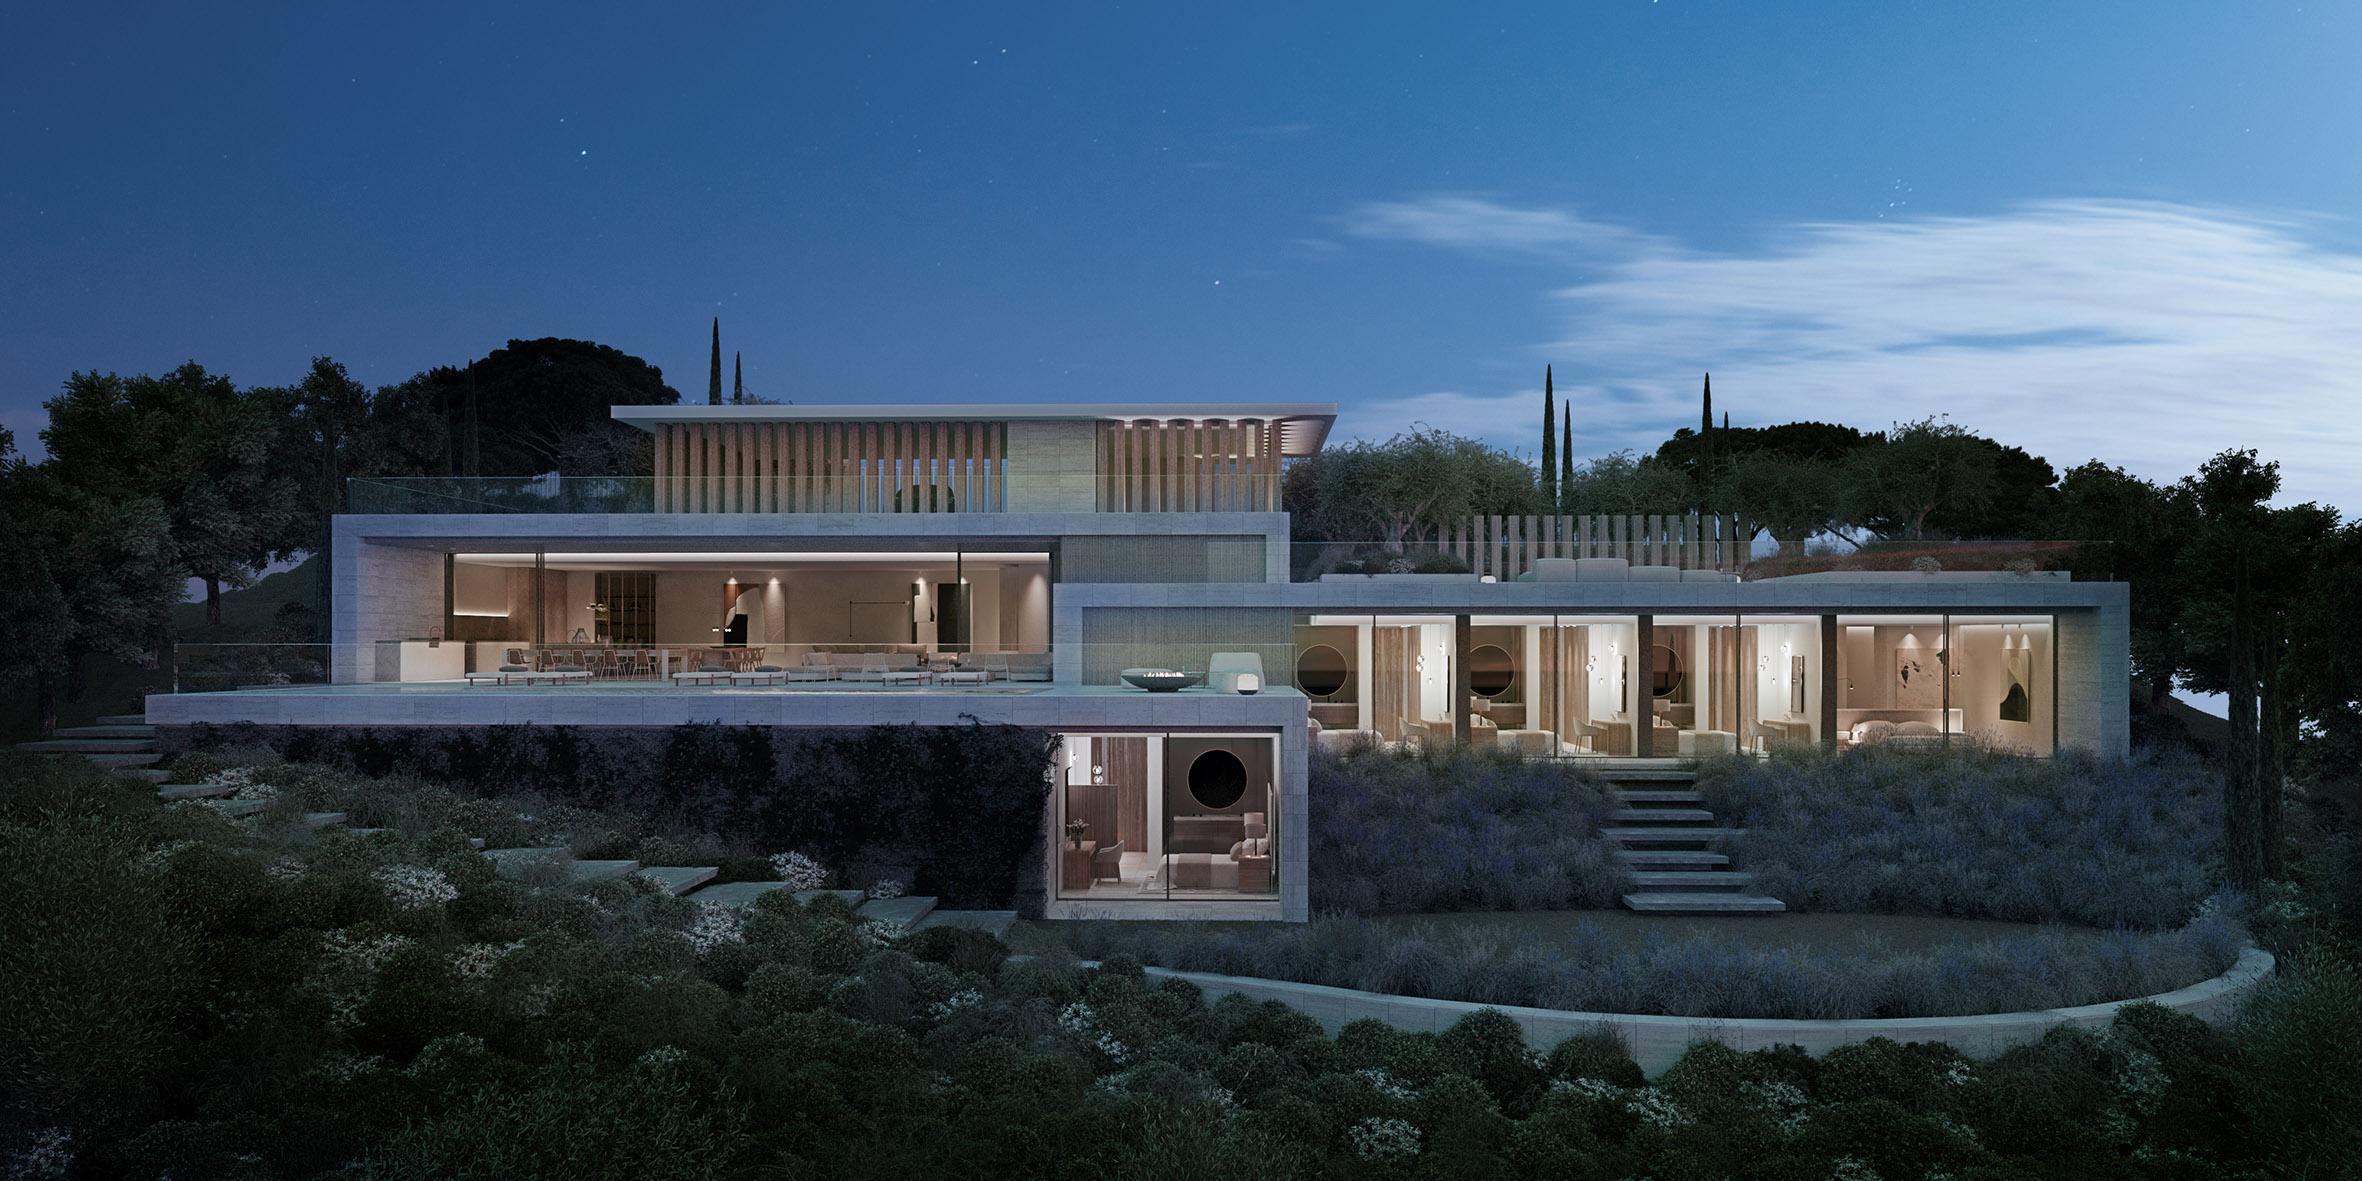 Las Villas más exclusivas de Ark Architects y ASPIRE, protagonistas del 50 Torneo Internacional de Polo de Sotogrande 4